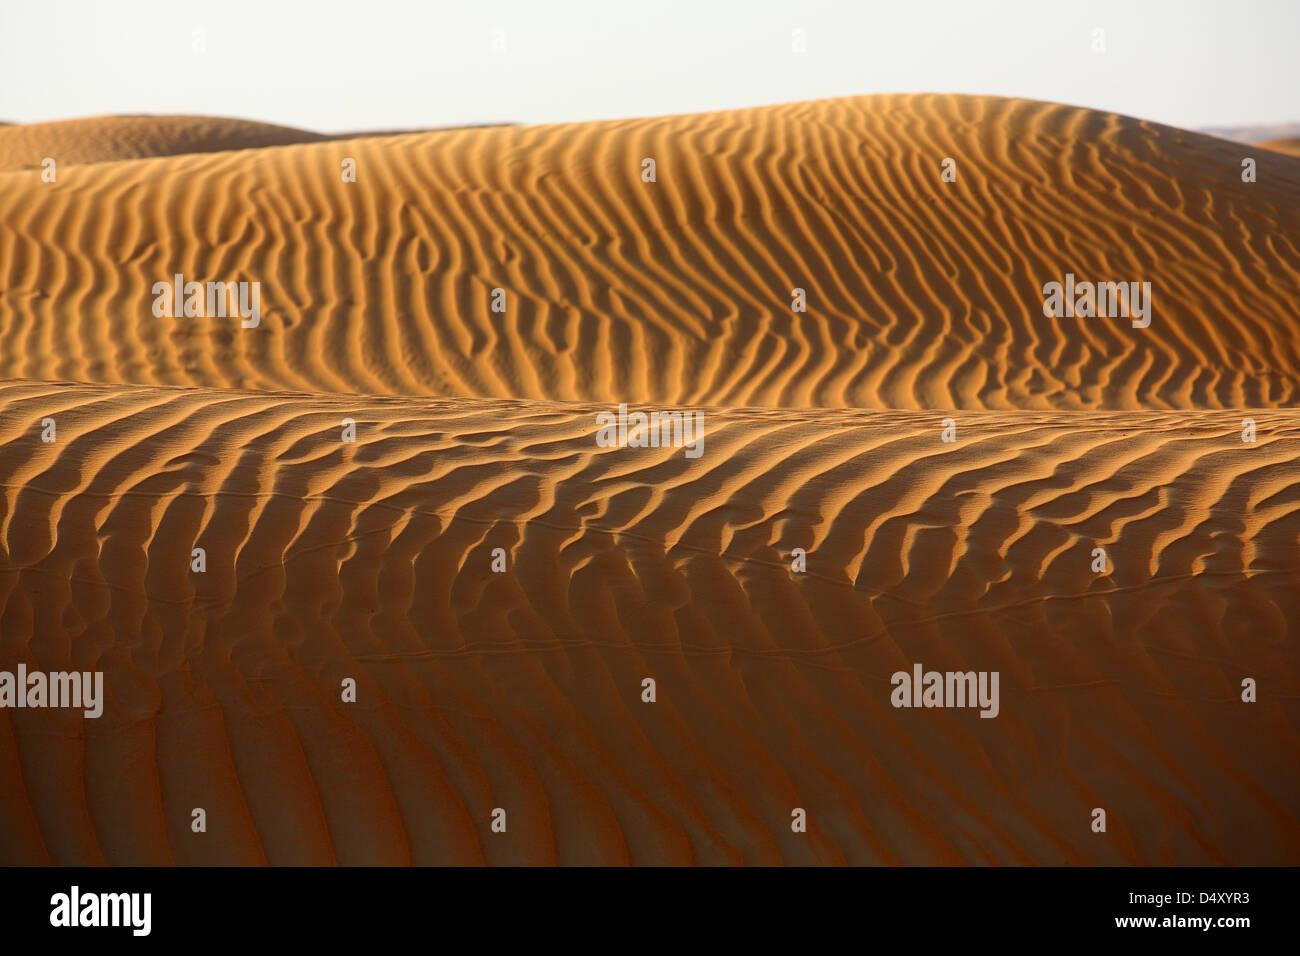 Sanddünen bei Sonnenaufgang, Arabische Wüste, Dubai, Vereinigte Arabische Emirate Stockbild